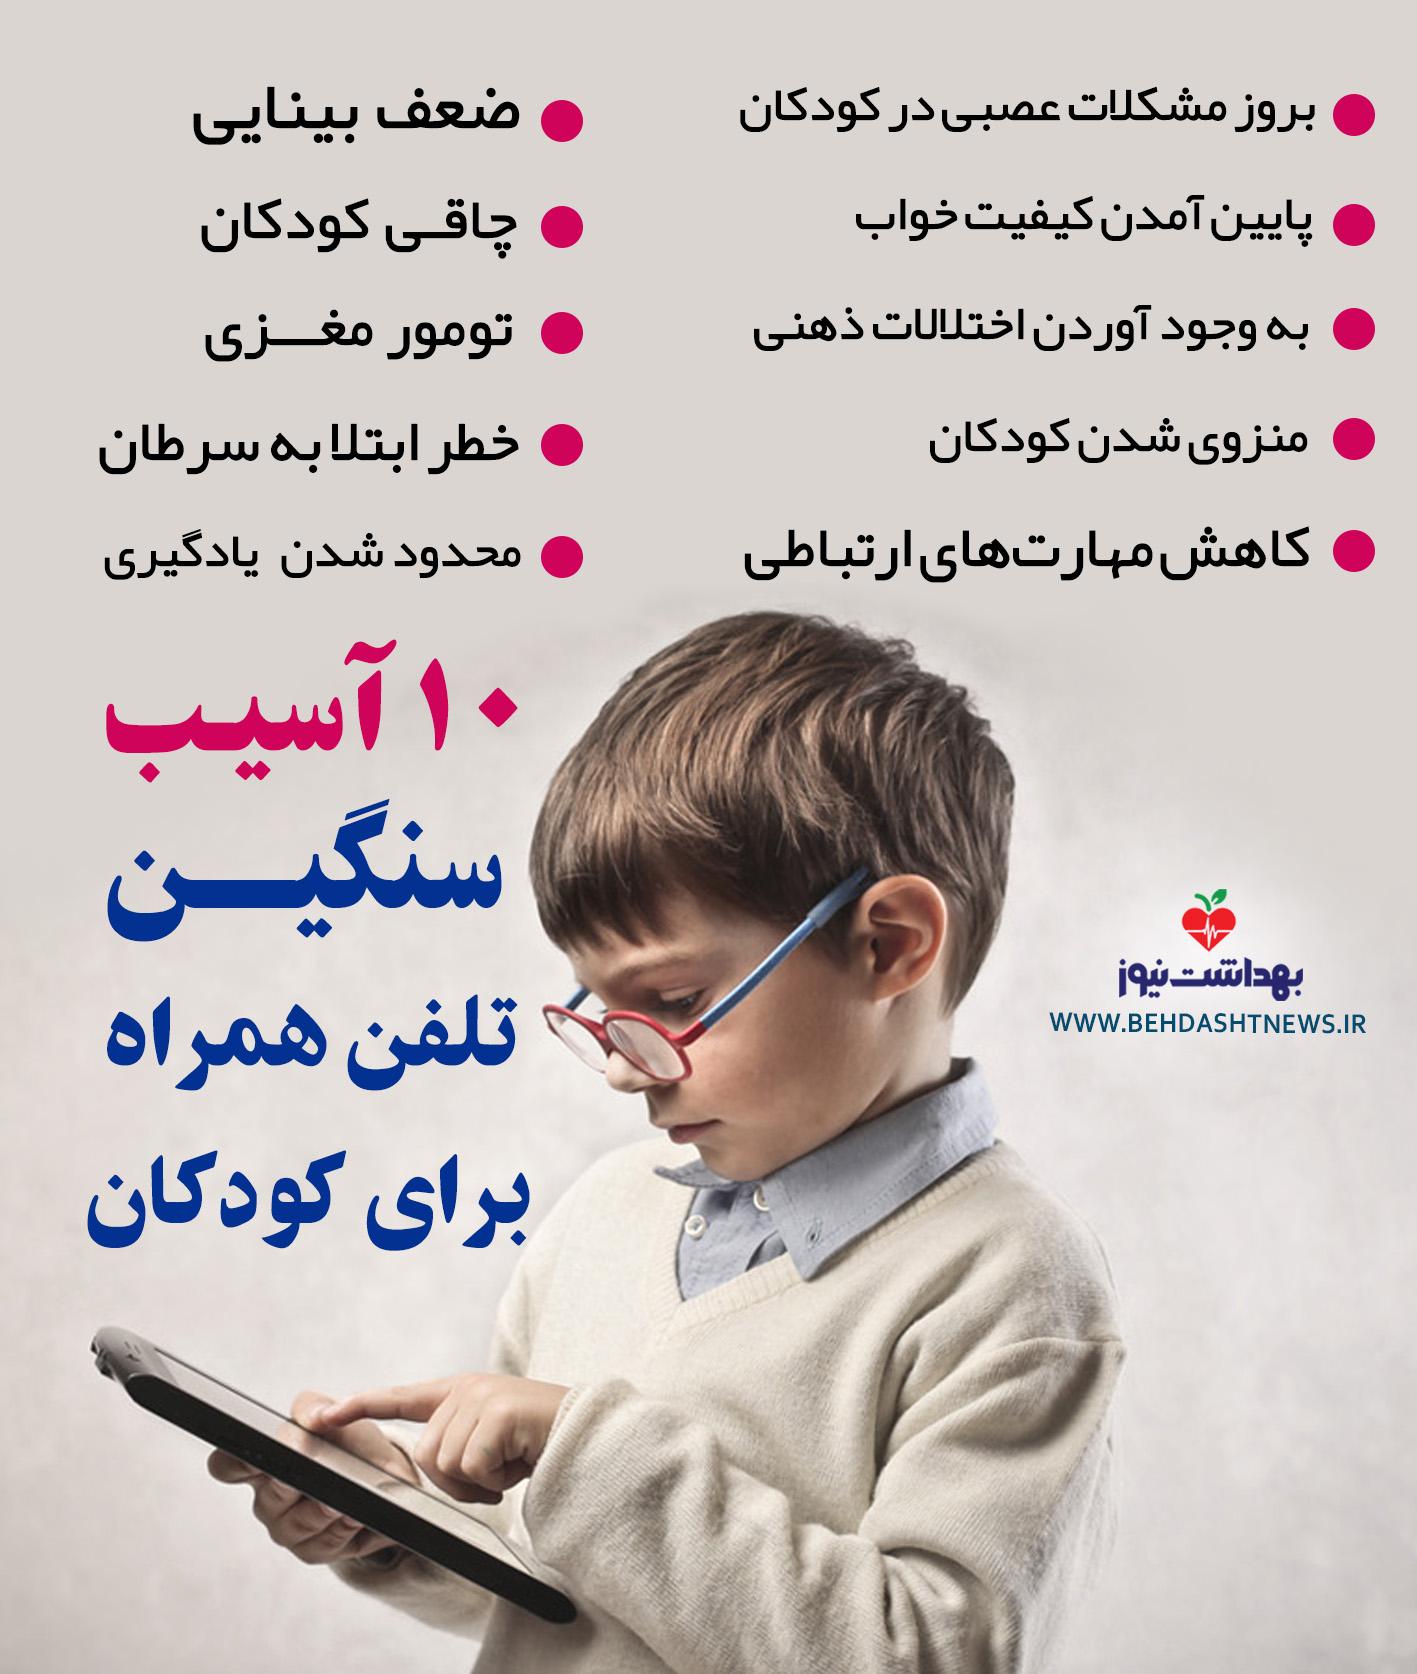 ده آسیب باور نکردنی موبایل برای کودکان